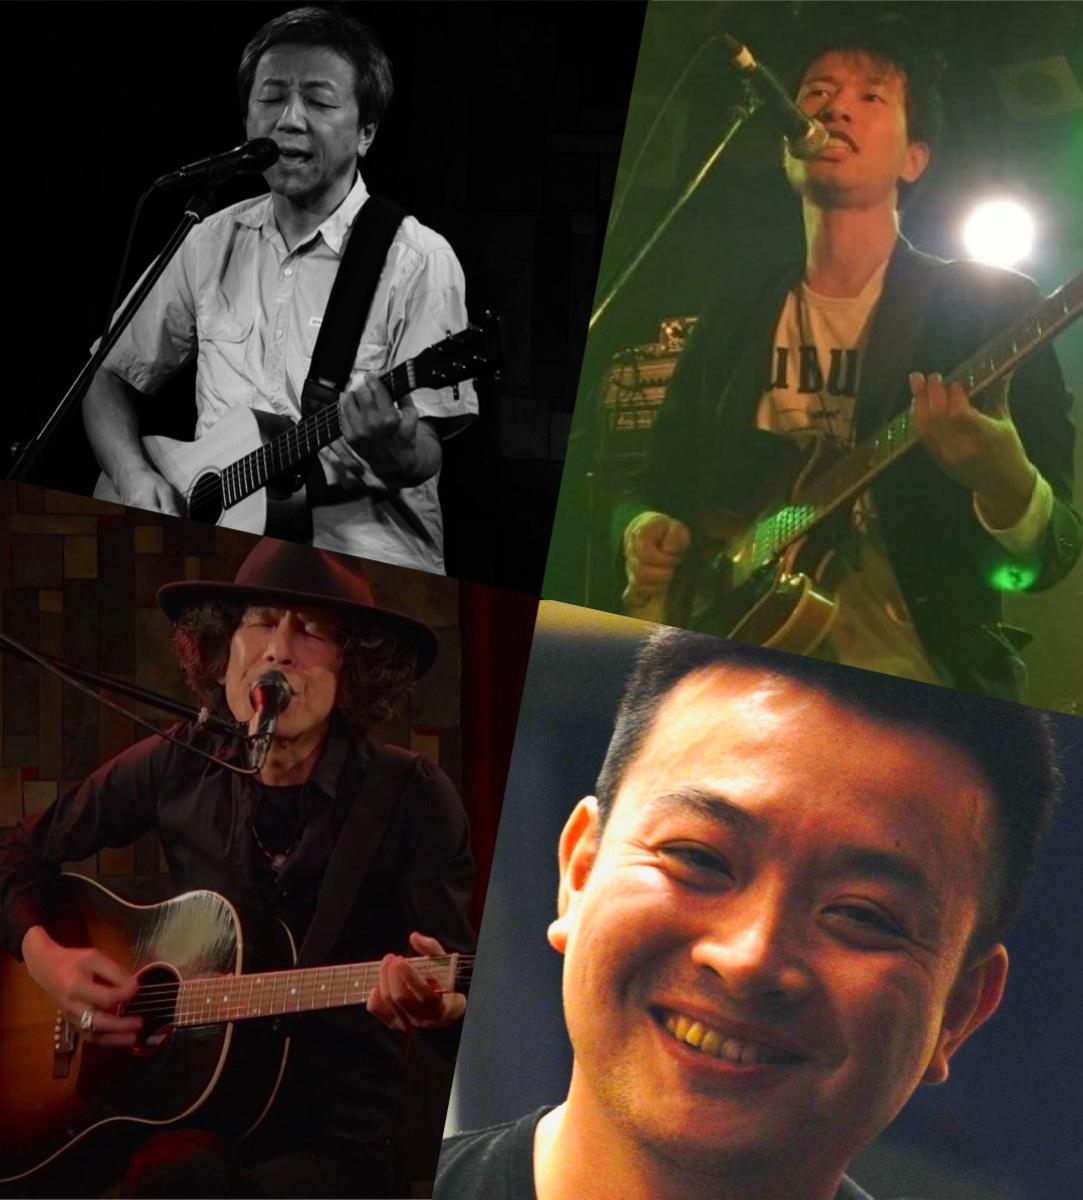 [無観客配信]『幸せのかくし場所』出演:YUZO / 立山大二郎 / RAI / 土肥一也